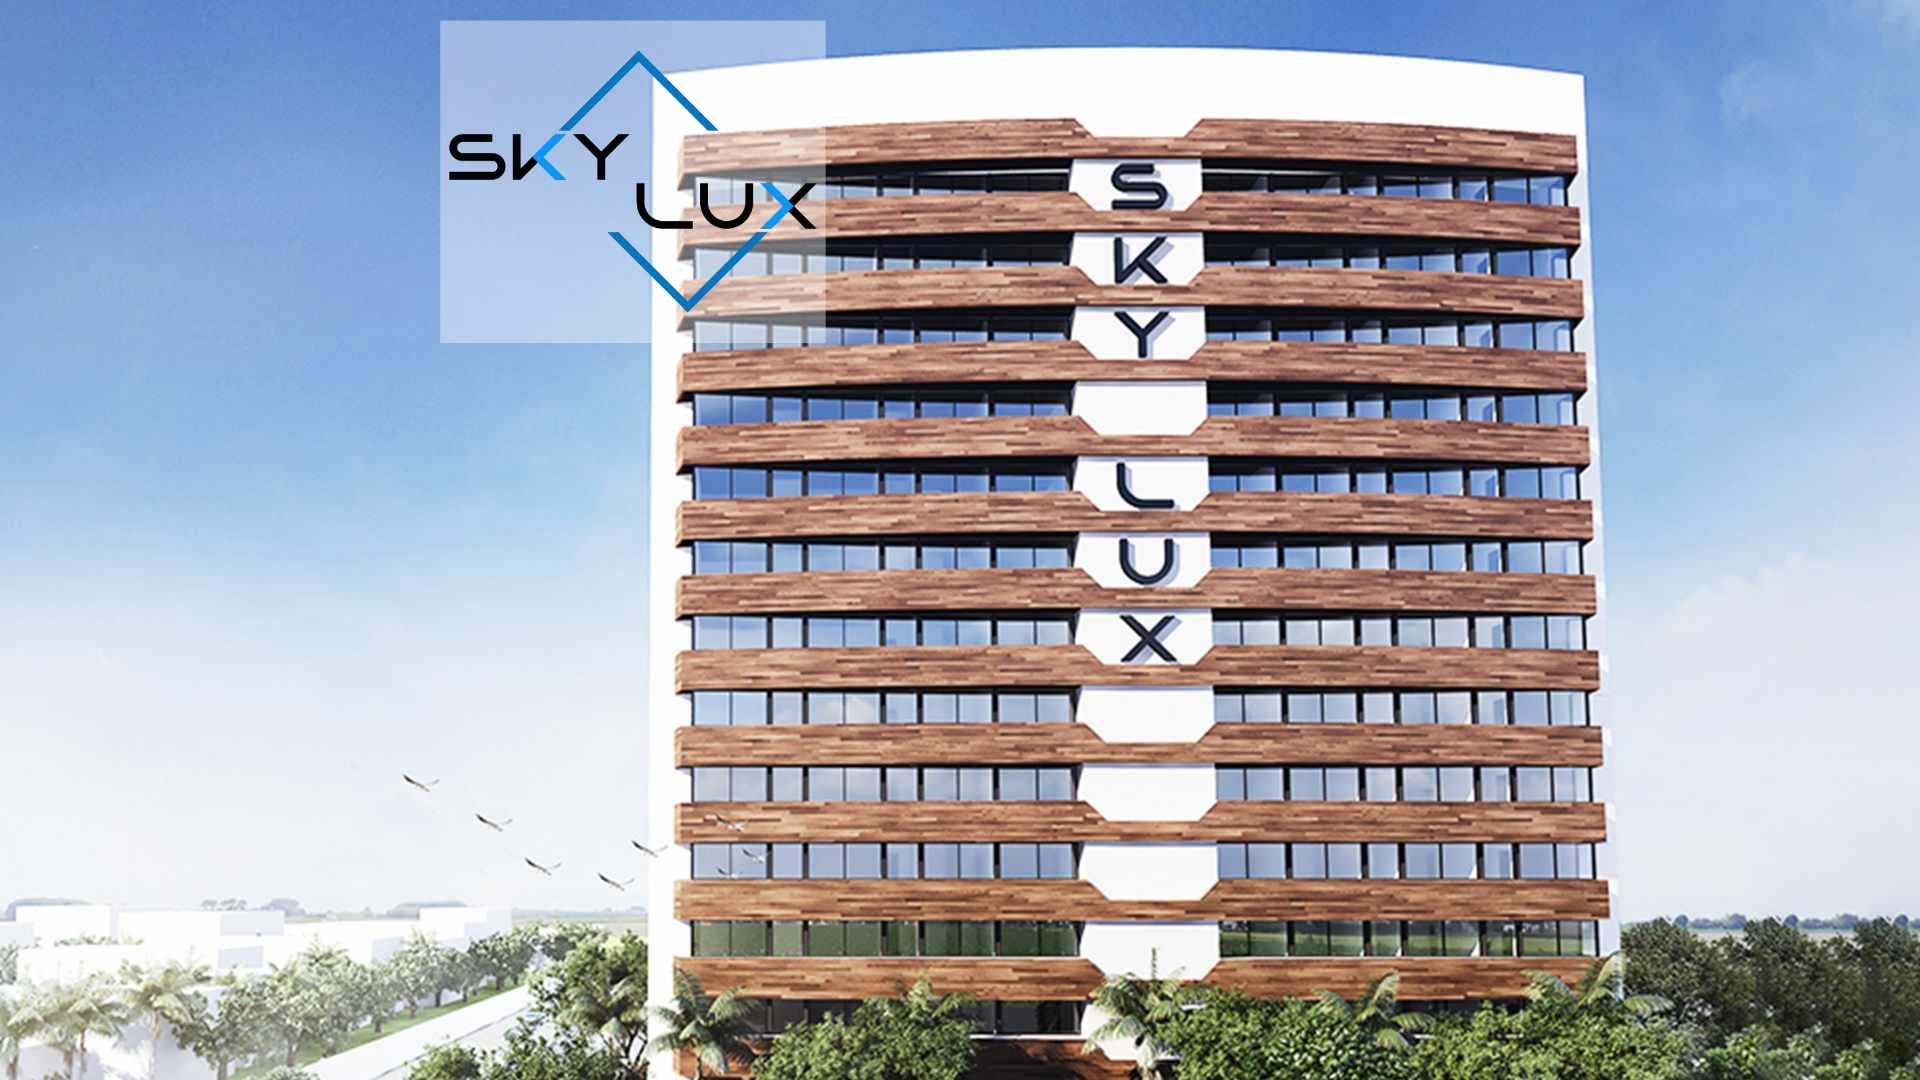 Sky Lux